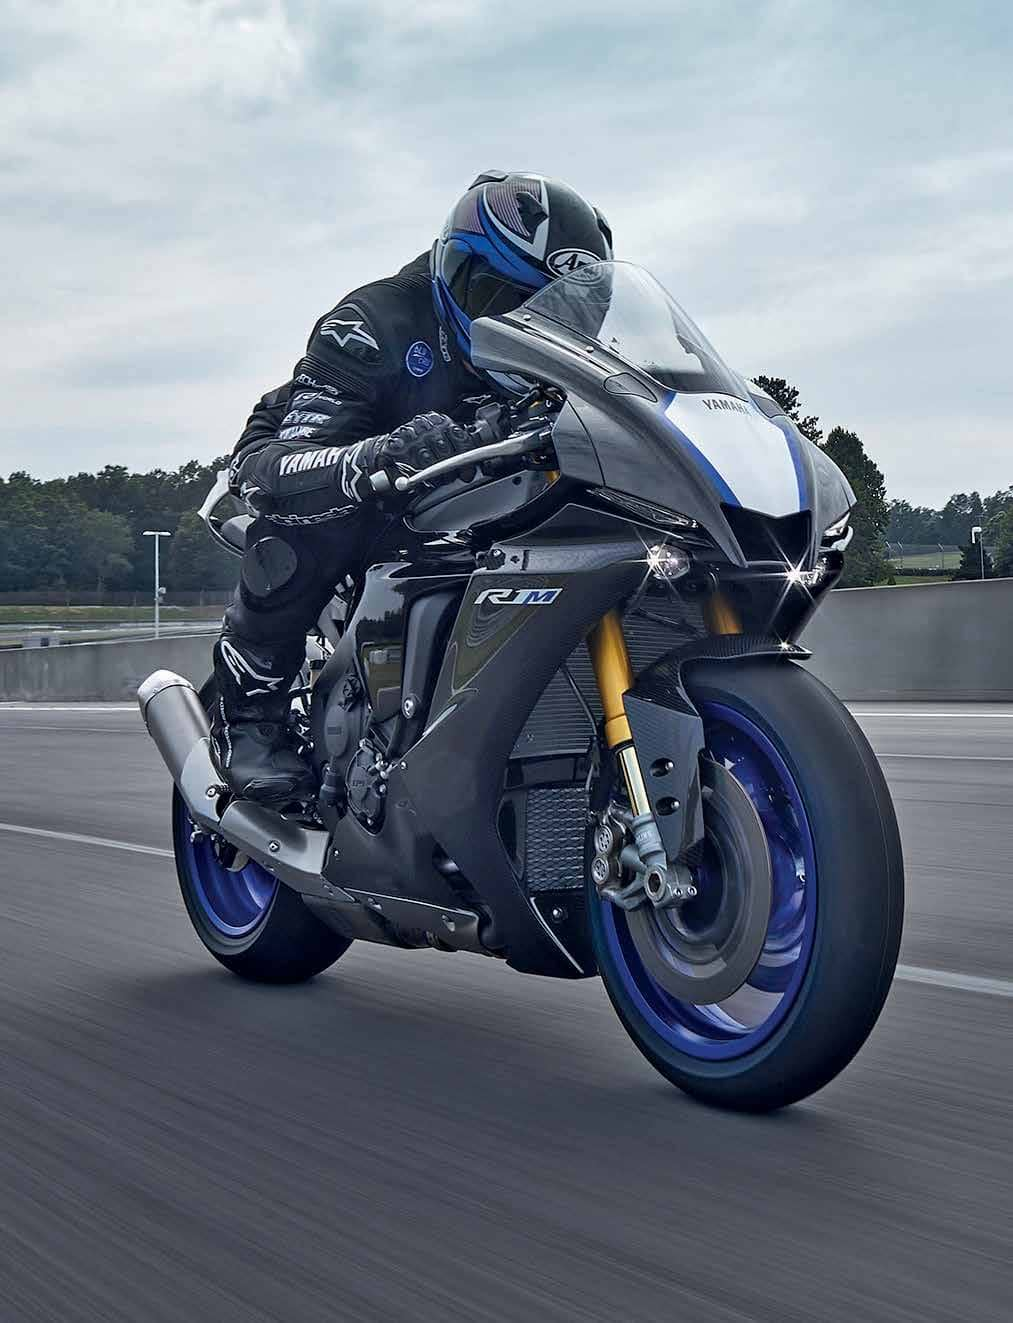 2020 Yamaha YZF-R1 & R1M